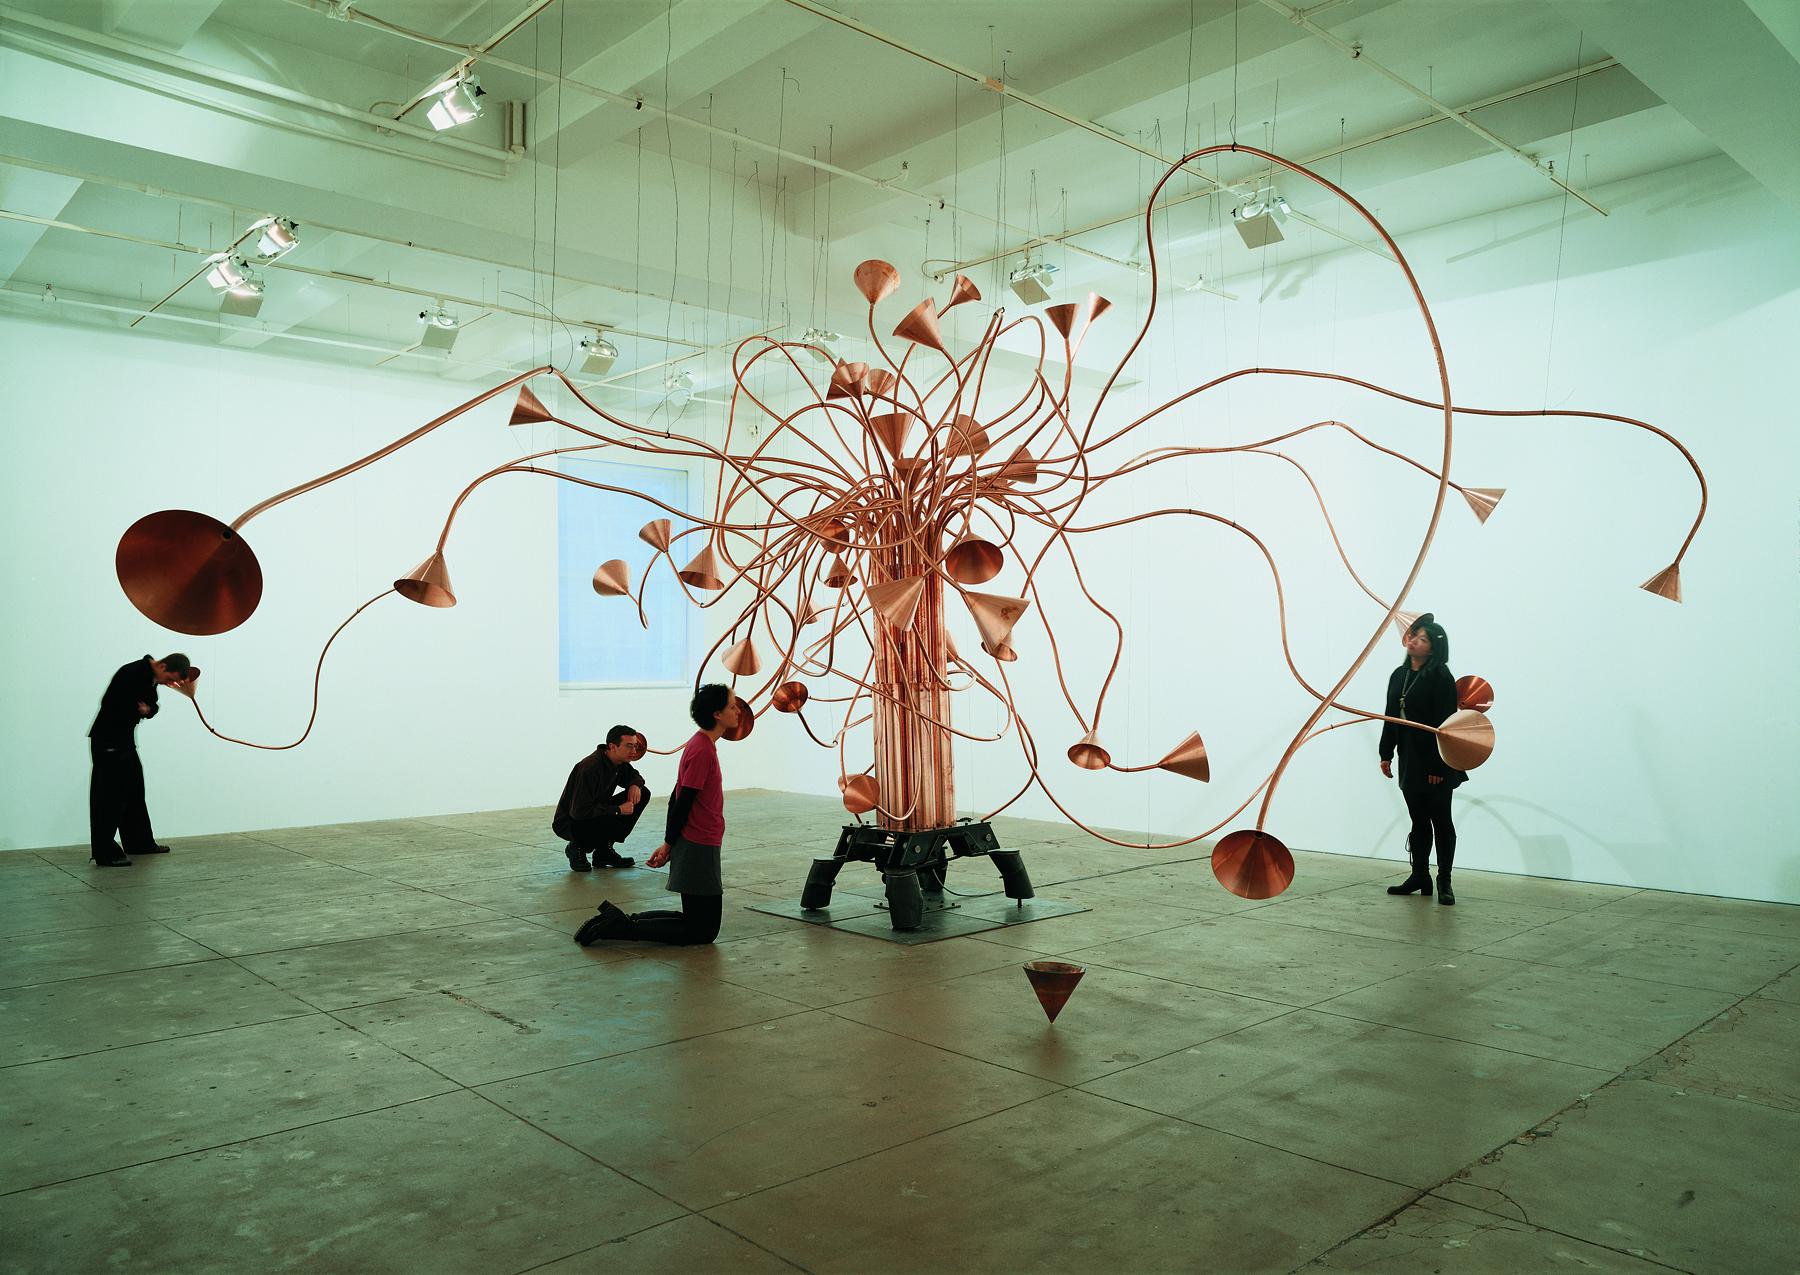 Rebecca Horn, Schildkrötenseufzerbaum, 1994, (c) VG Bild-Kunst, Bonn 2017, Foto Attilio Maranzano